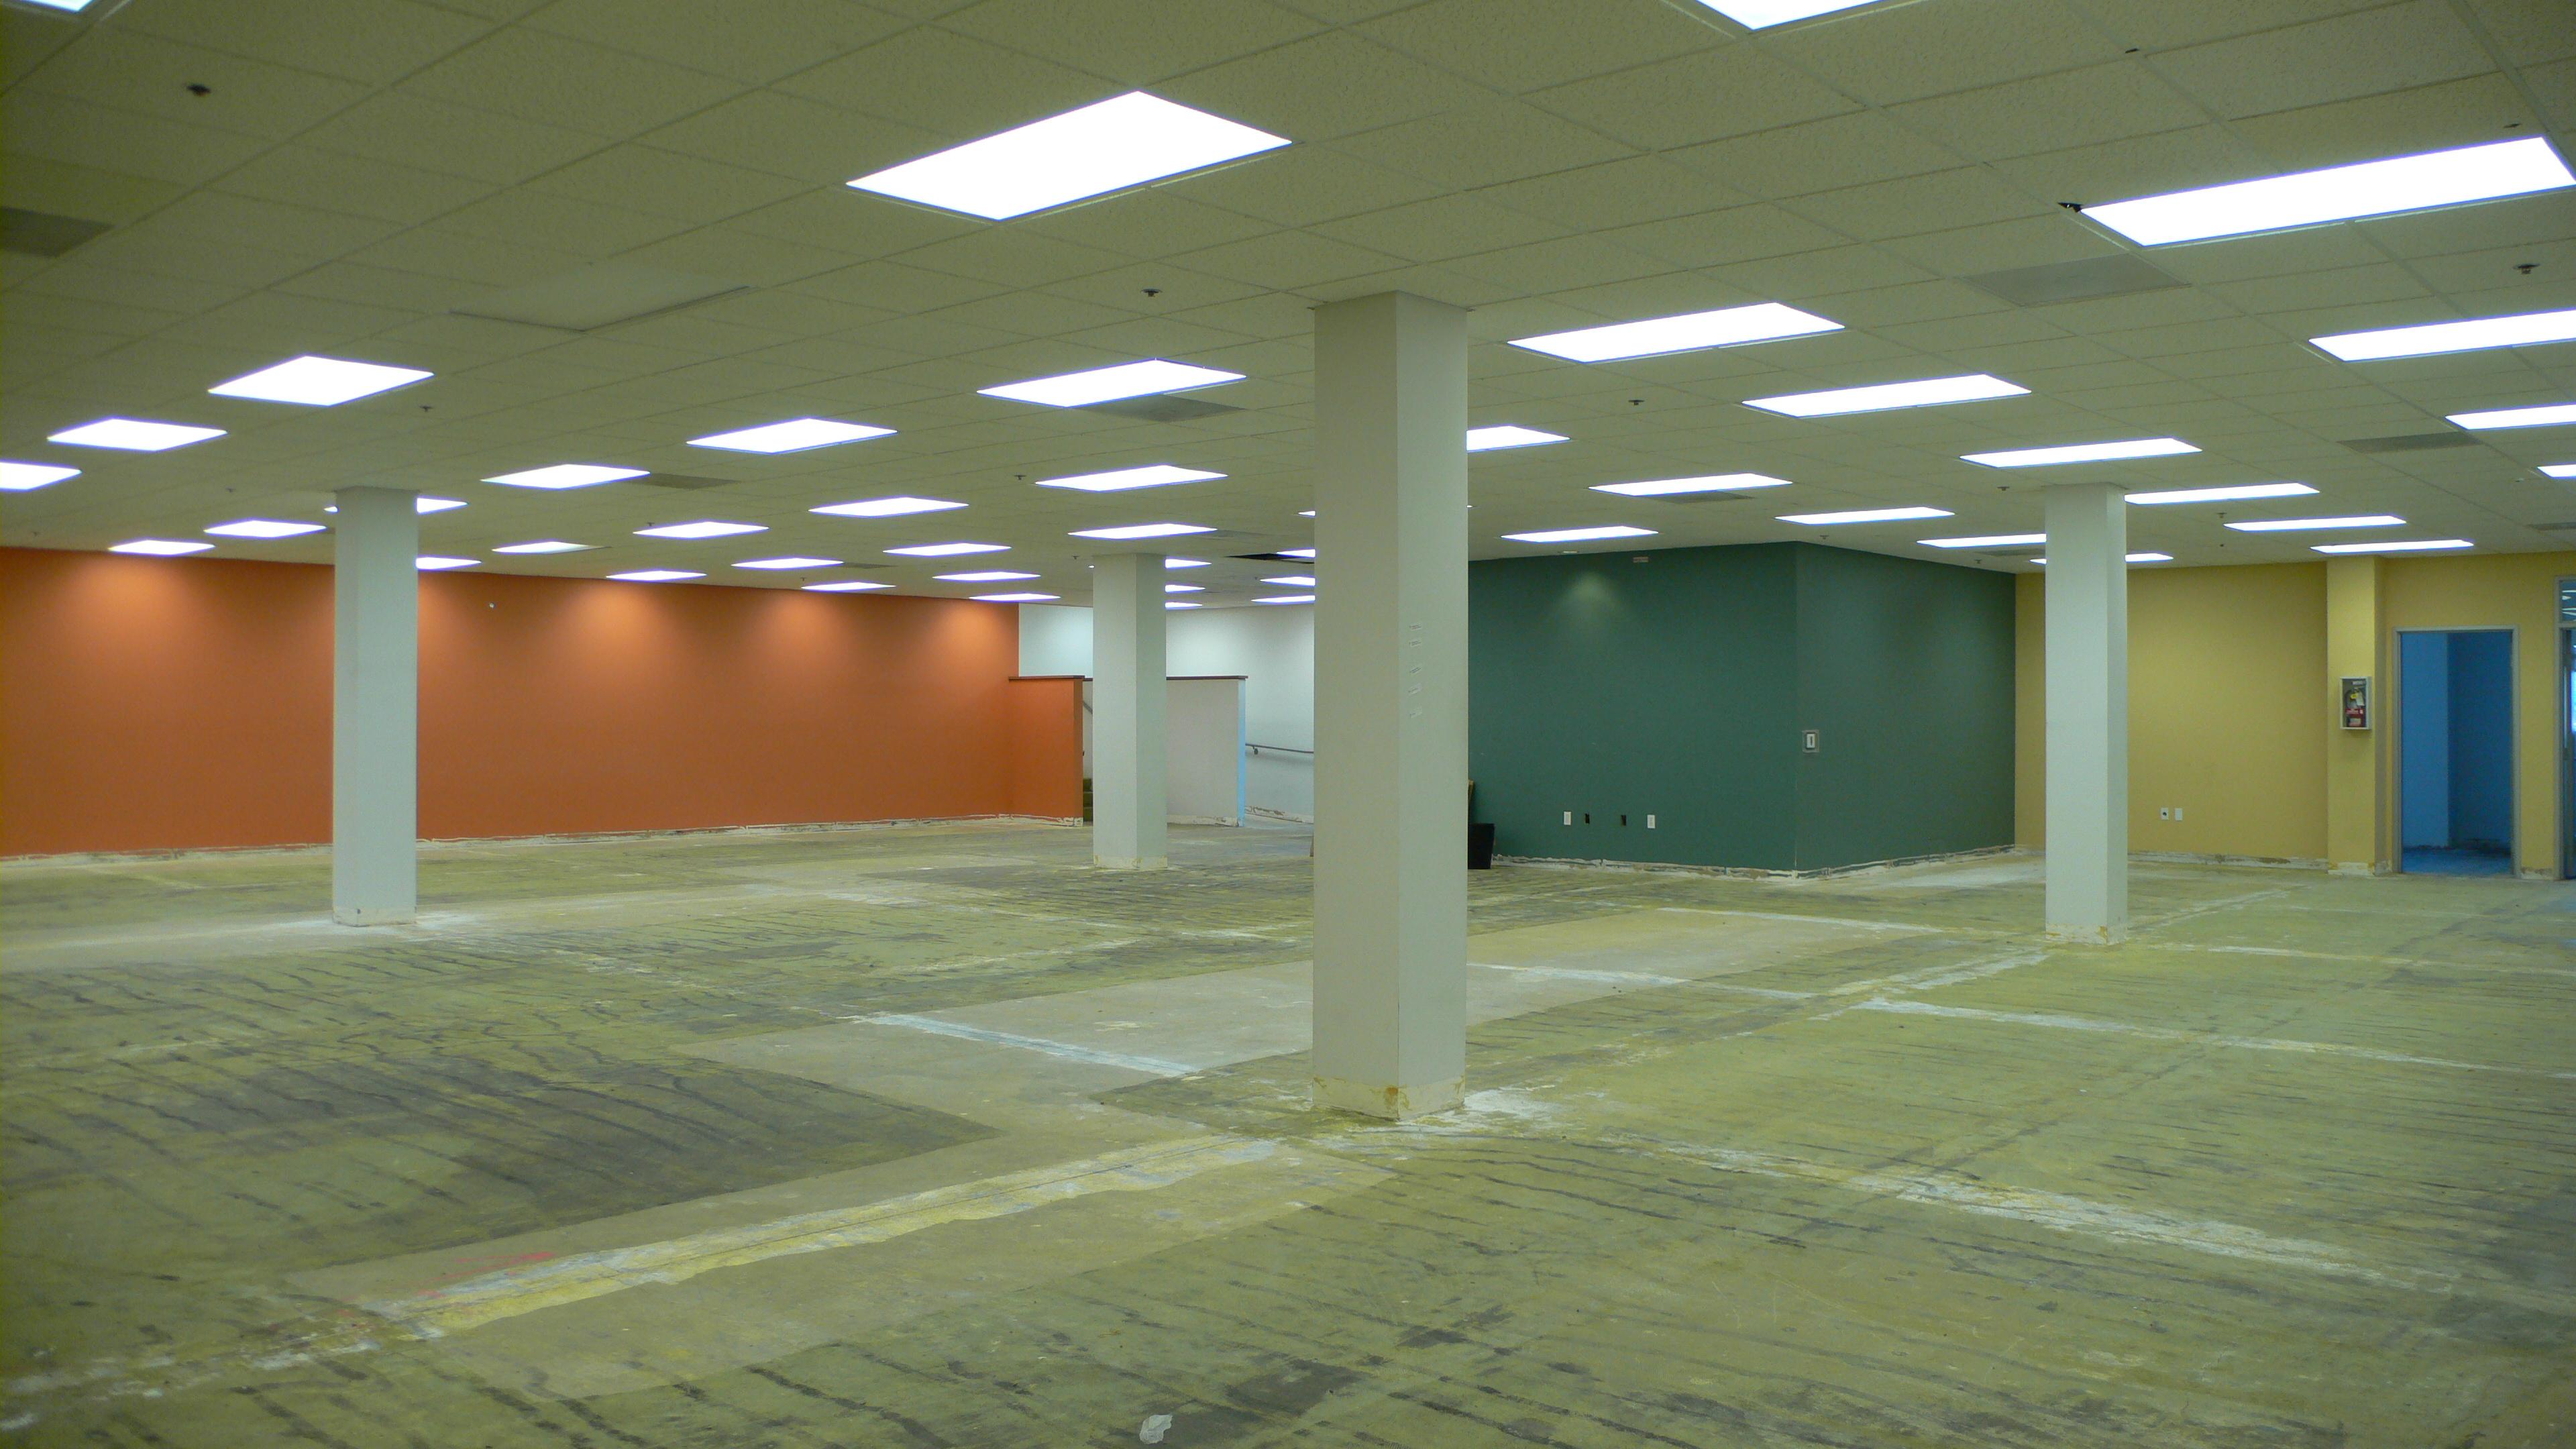 3741 interior 2 fl1.jpg